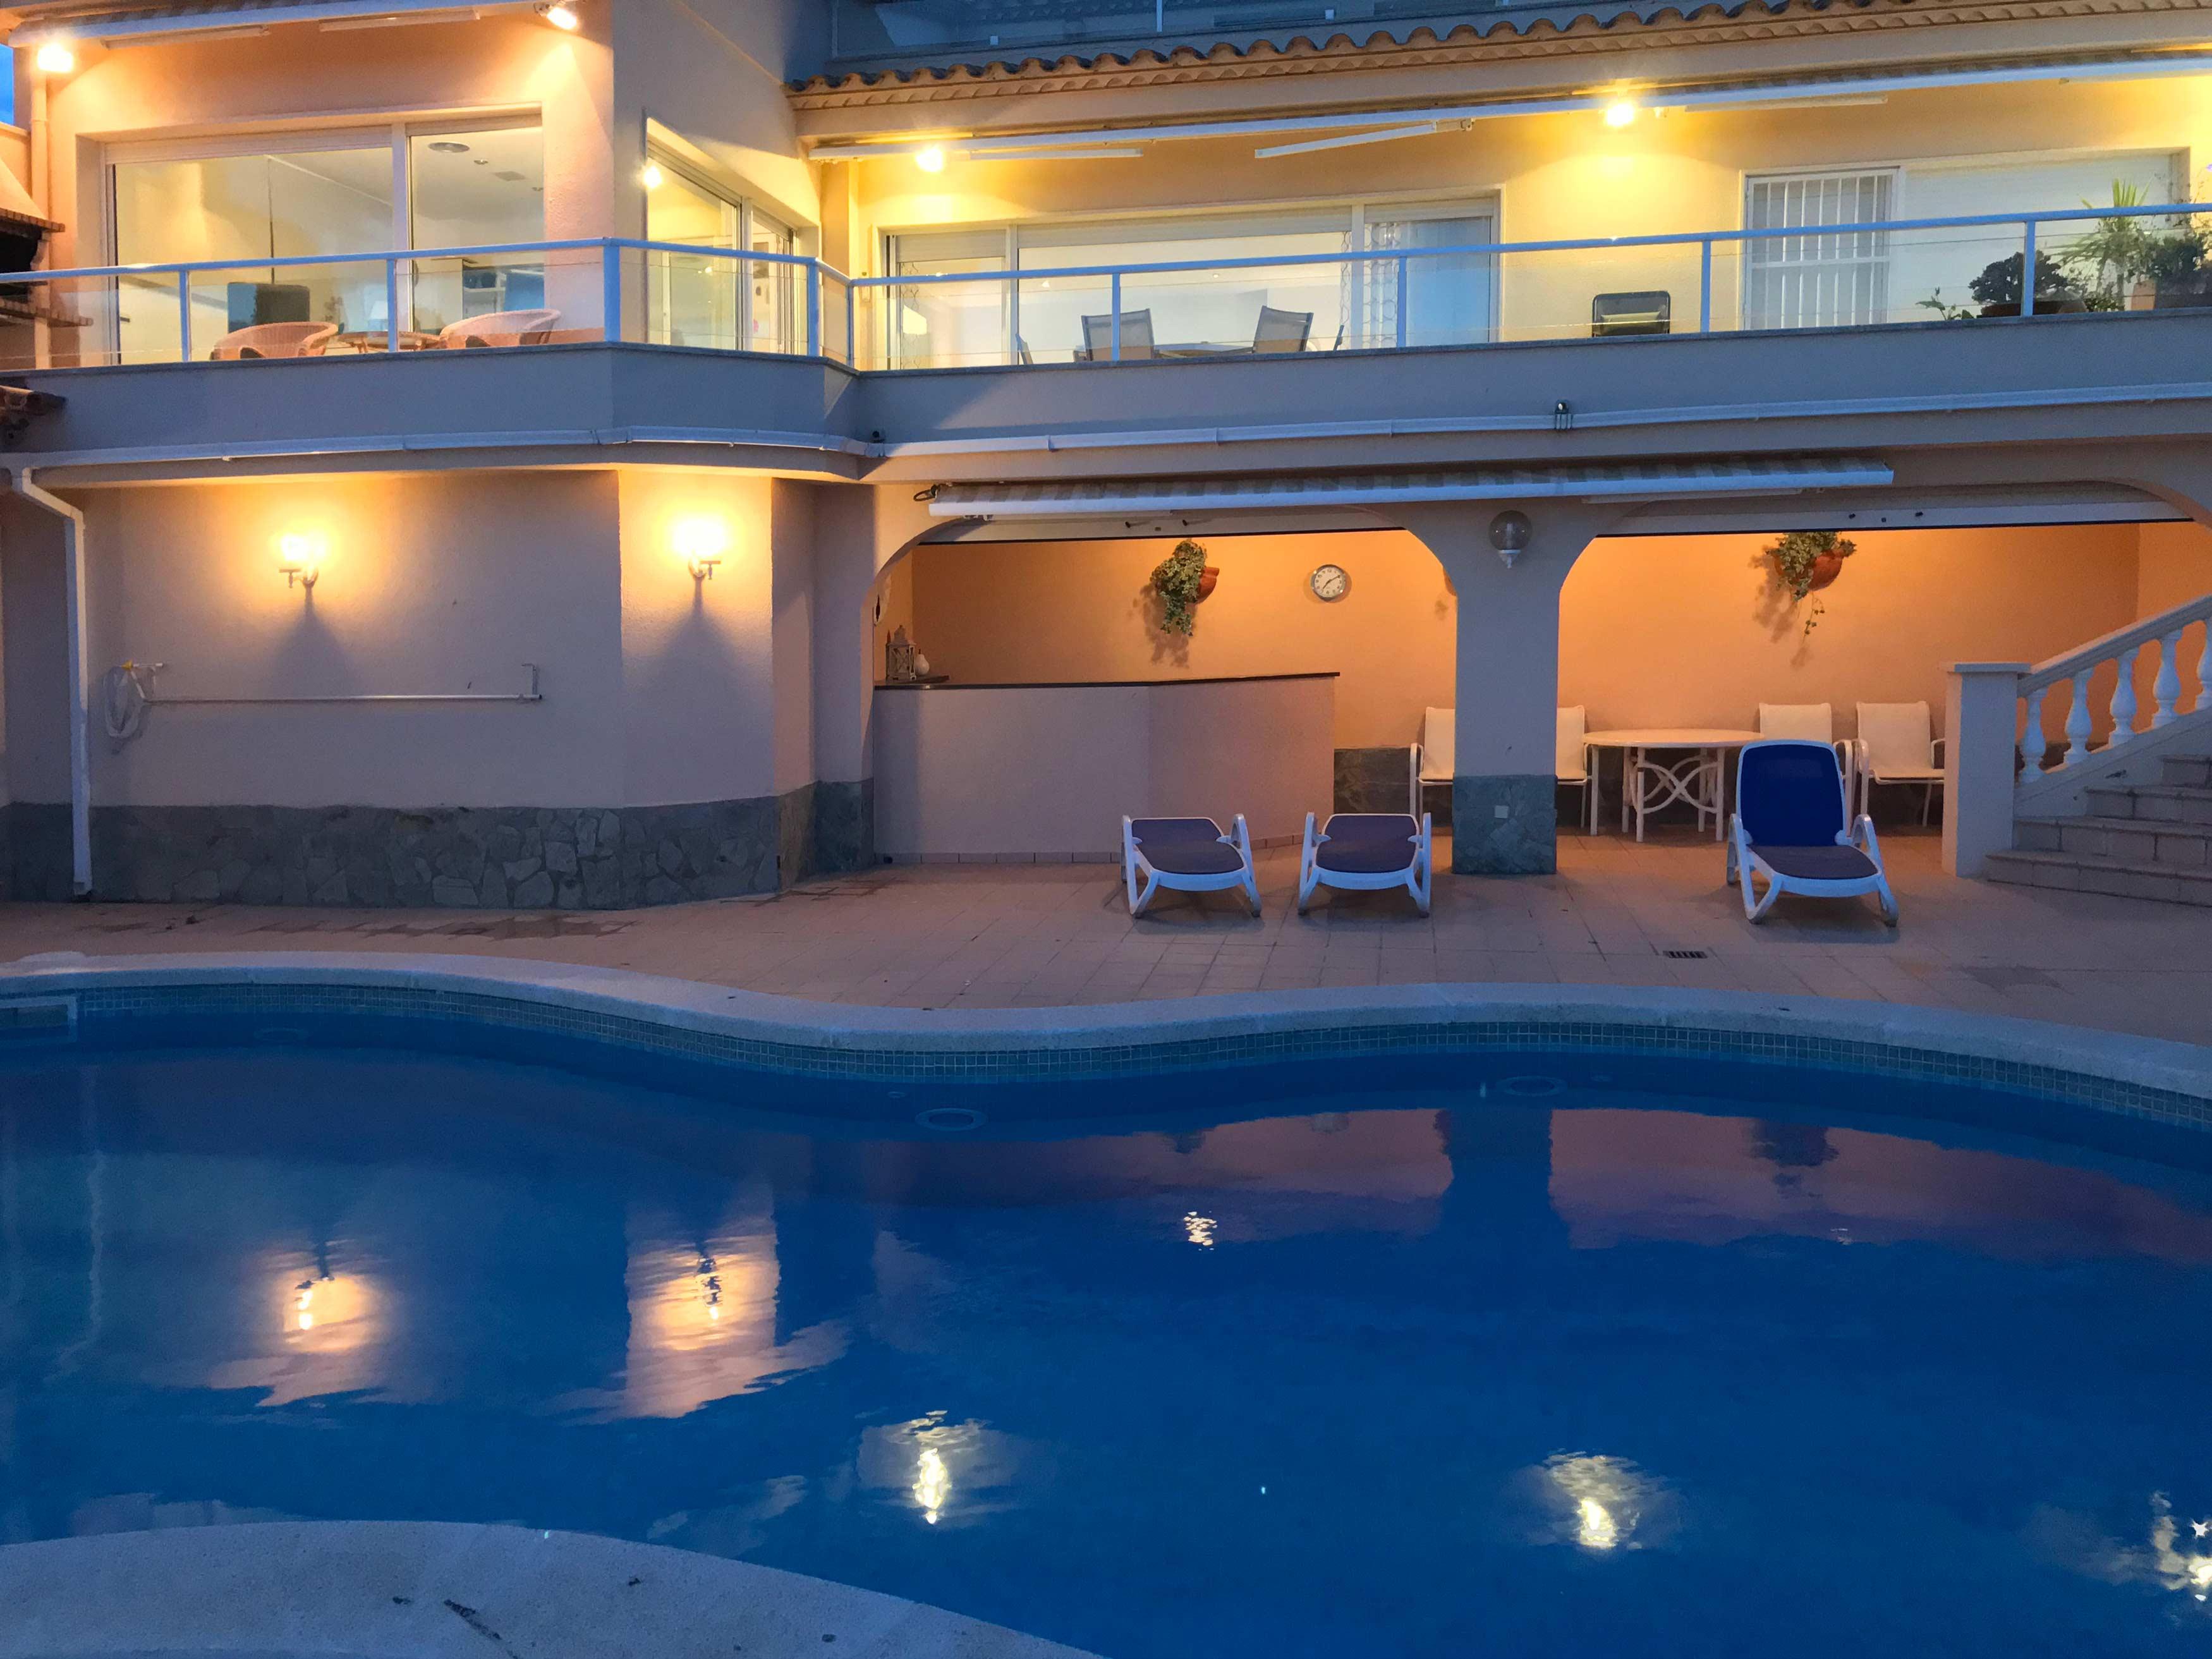 Villa Cap de la Barra met de verlichting aan